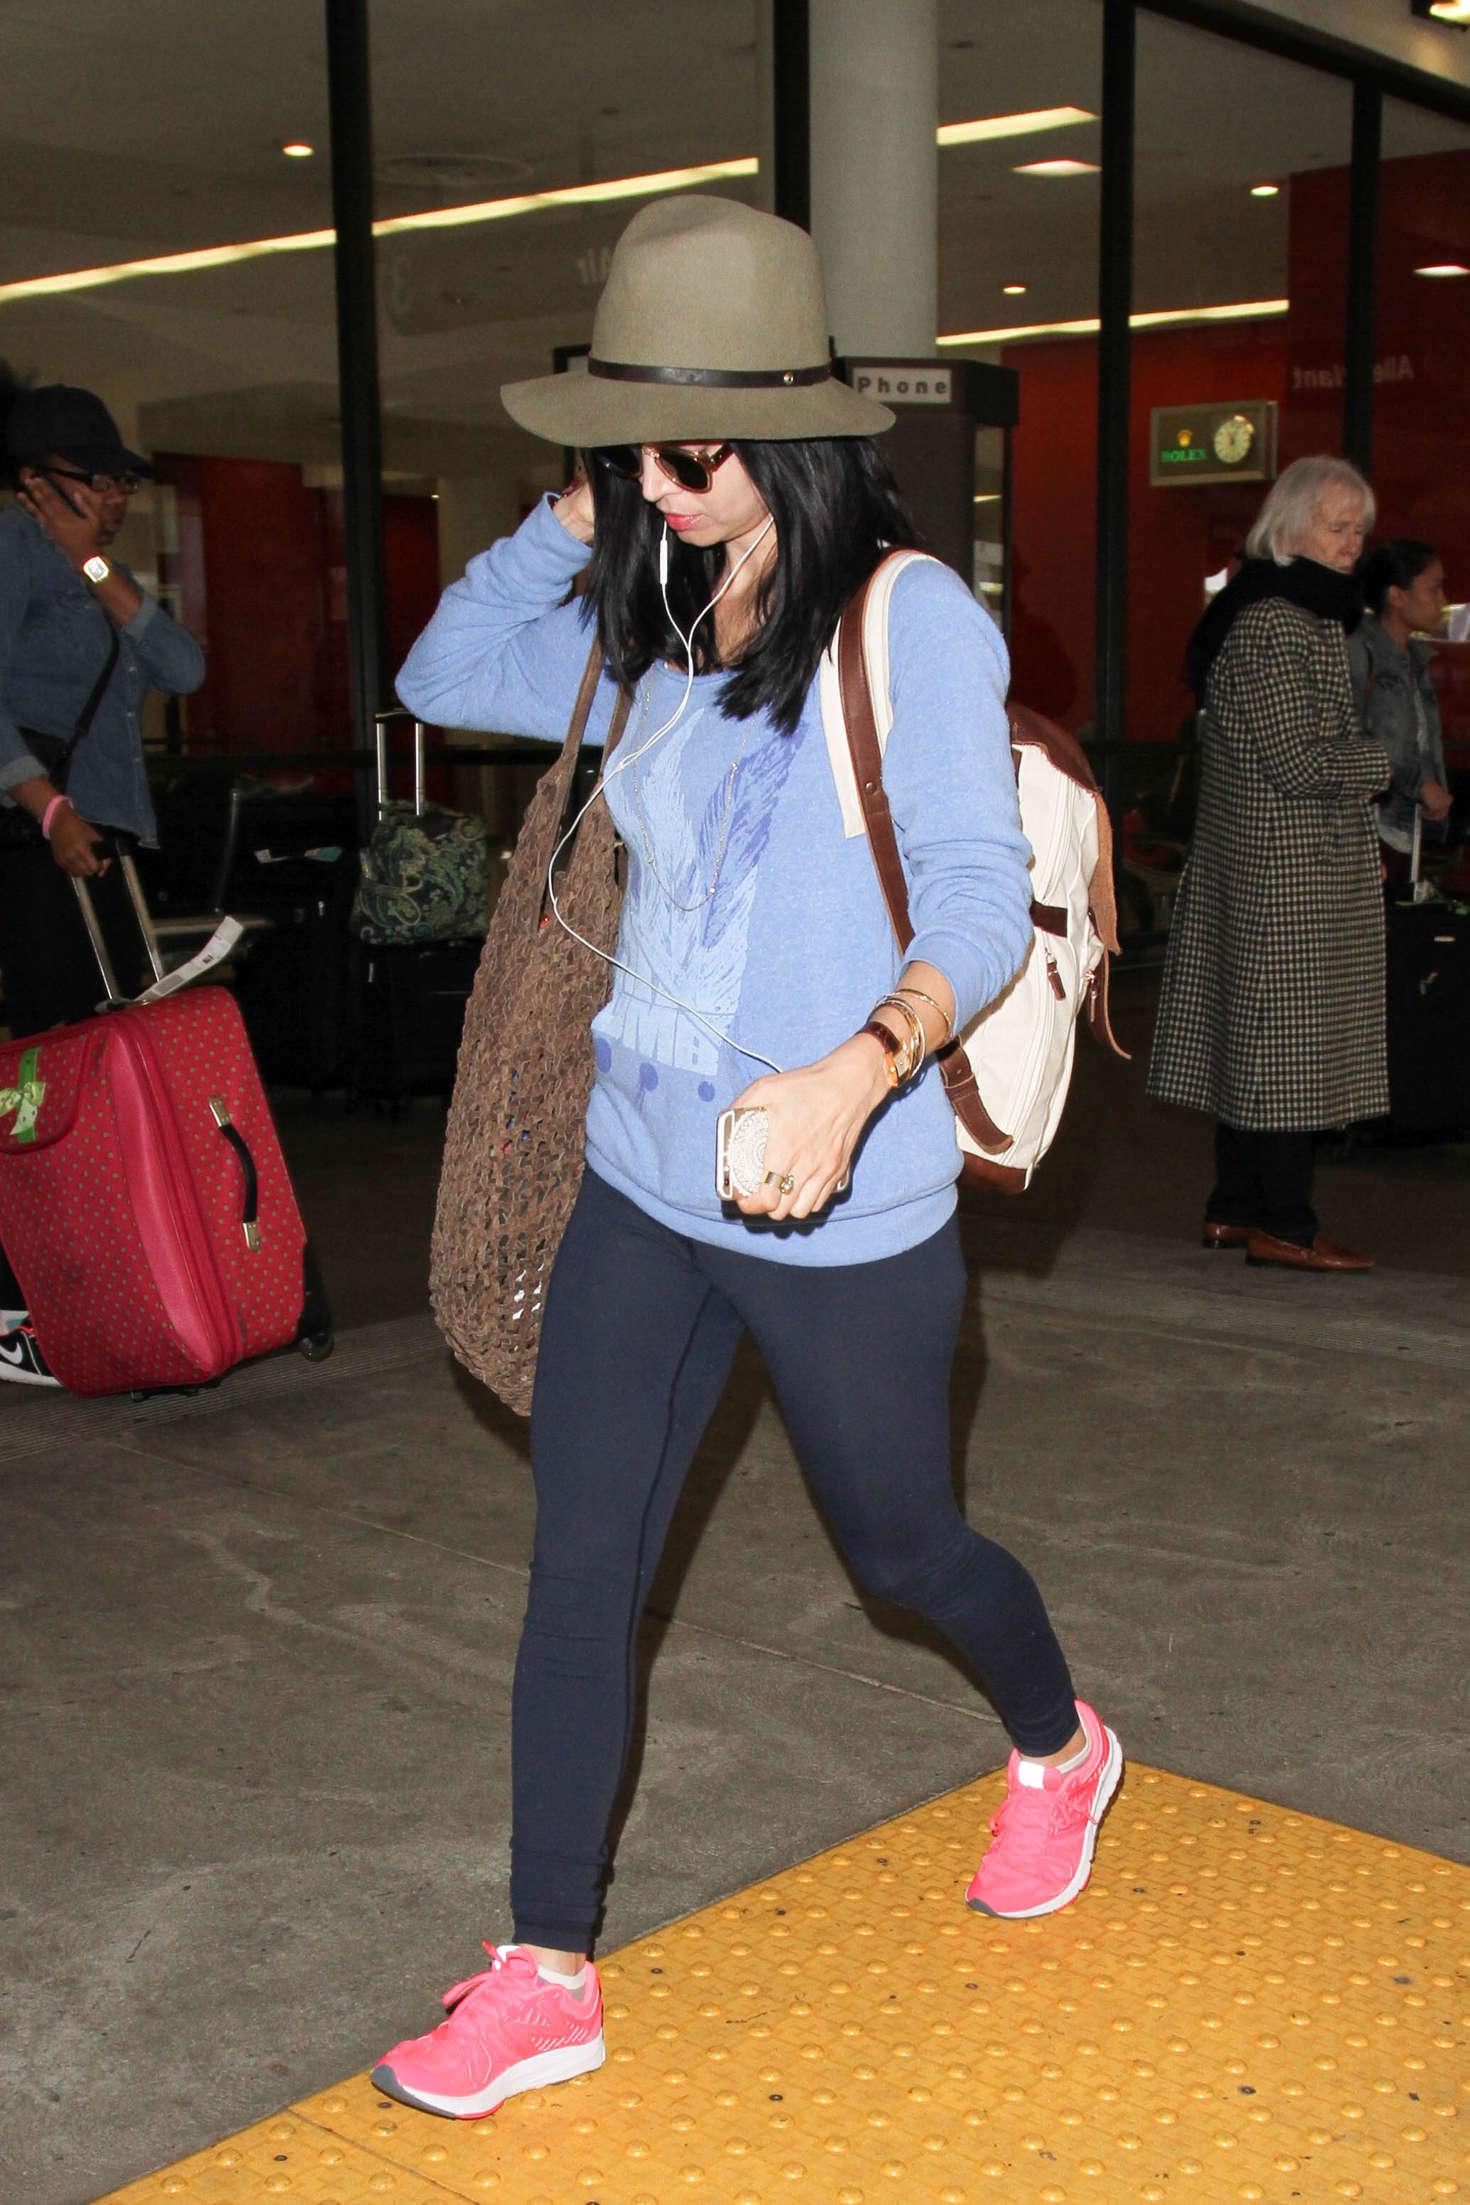 Eliza Dushku 2015 : Eliza Dushku in Tights at LAX -02